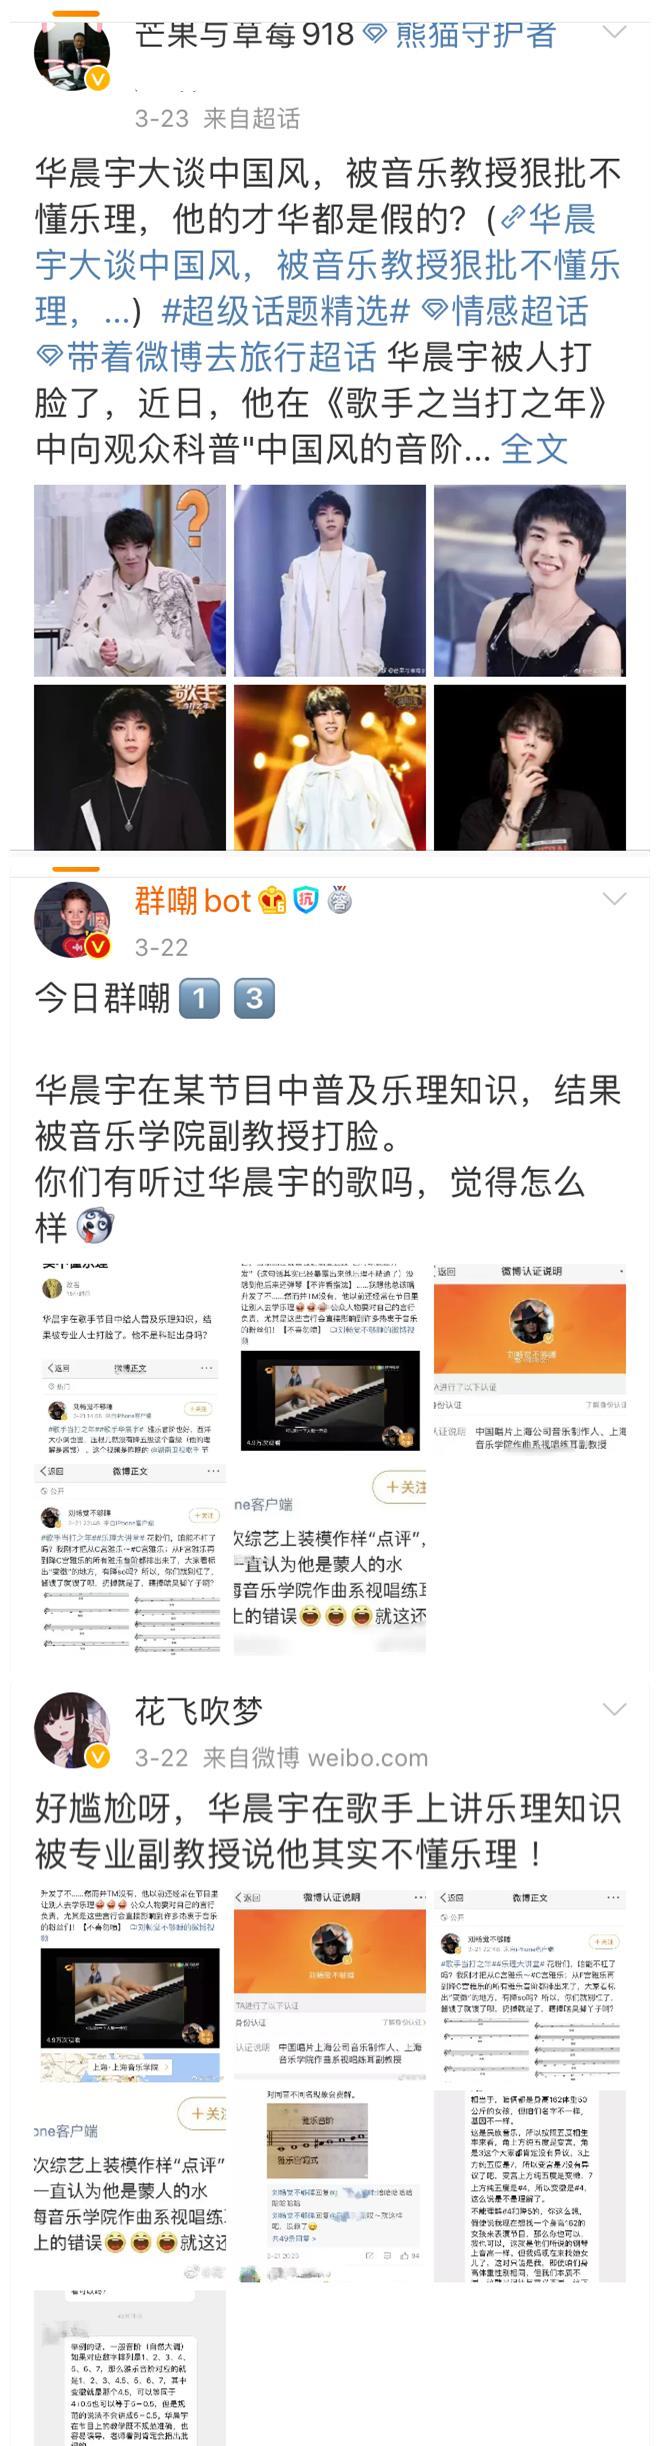 從華語領軍人到人設崩塌,露出真面目的華晨宇,成娛樂圈反面教材-圖9